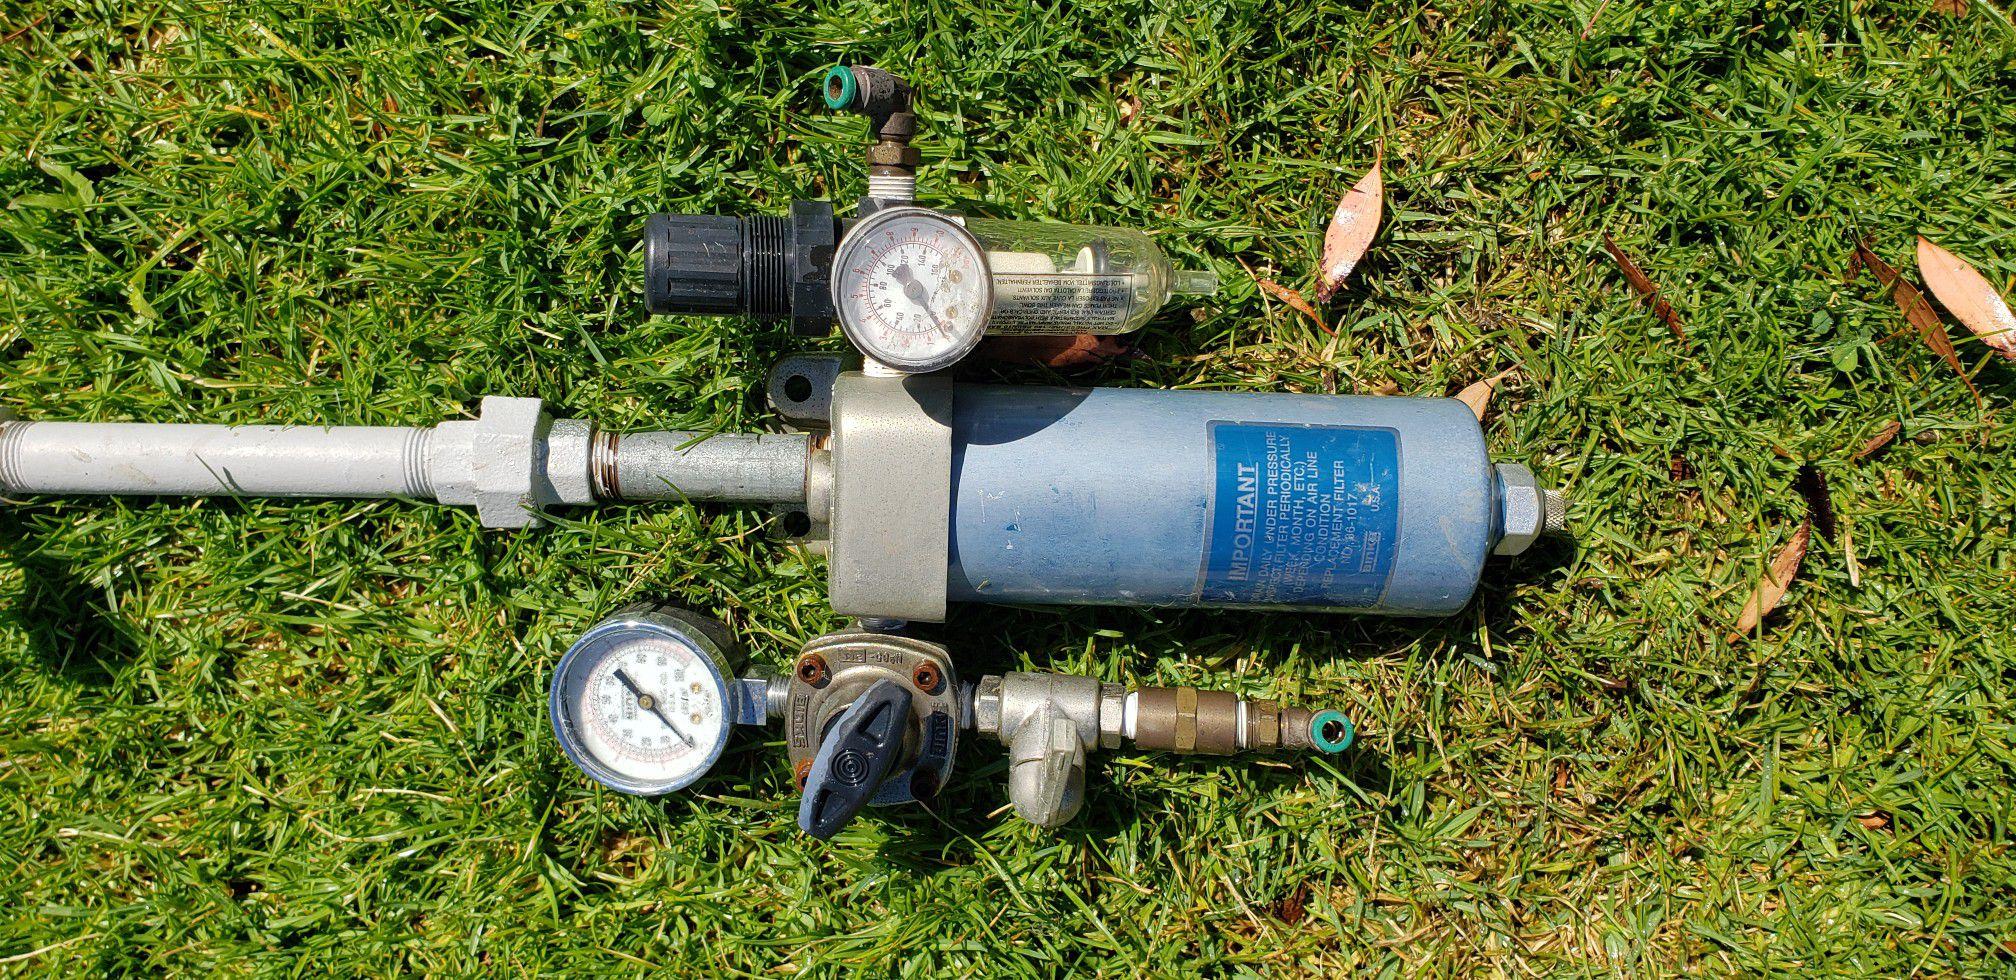 Binks Paint/Air Tool Manifold, Water Separator with Dual Regulators